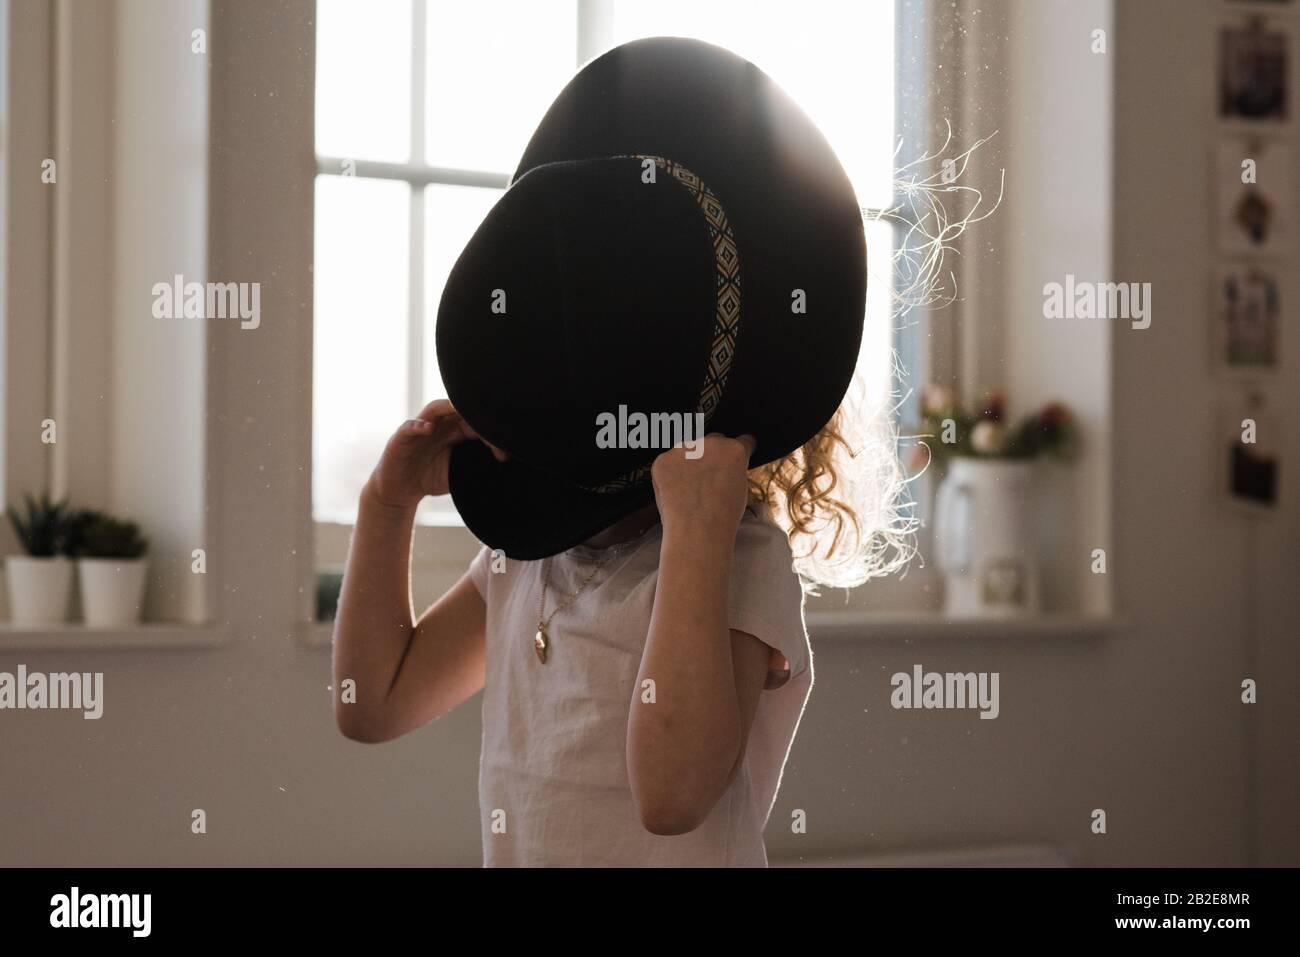 portrait d'une jeune fille jouant avec un chapeau couvrant son visage Banque D'Images